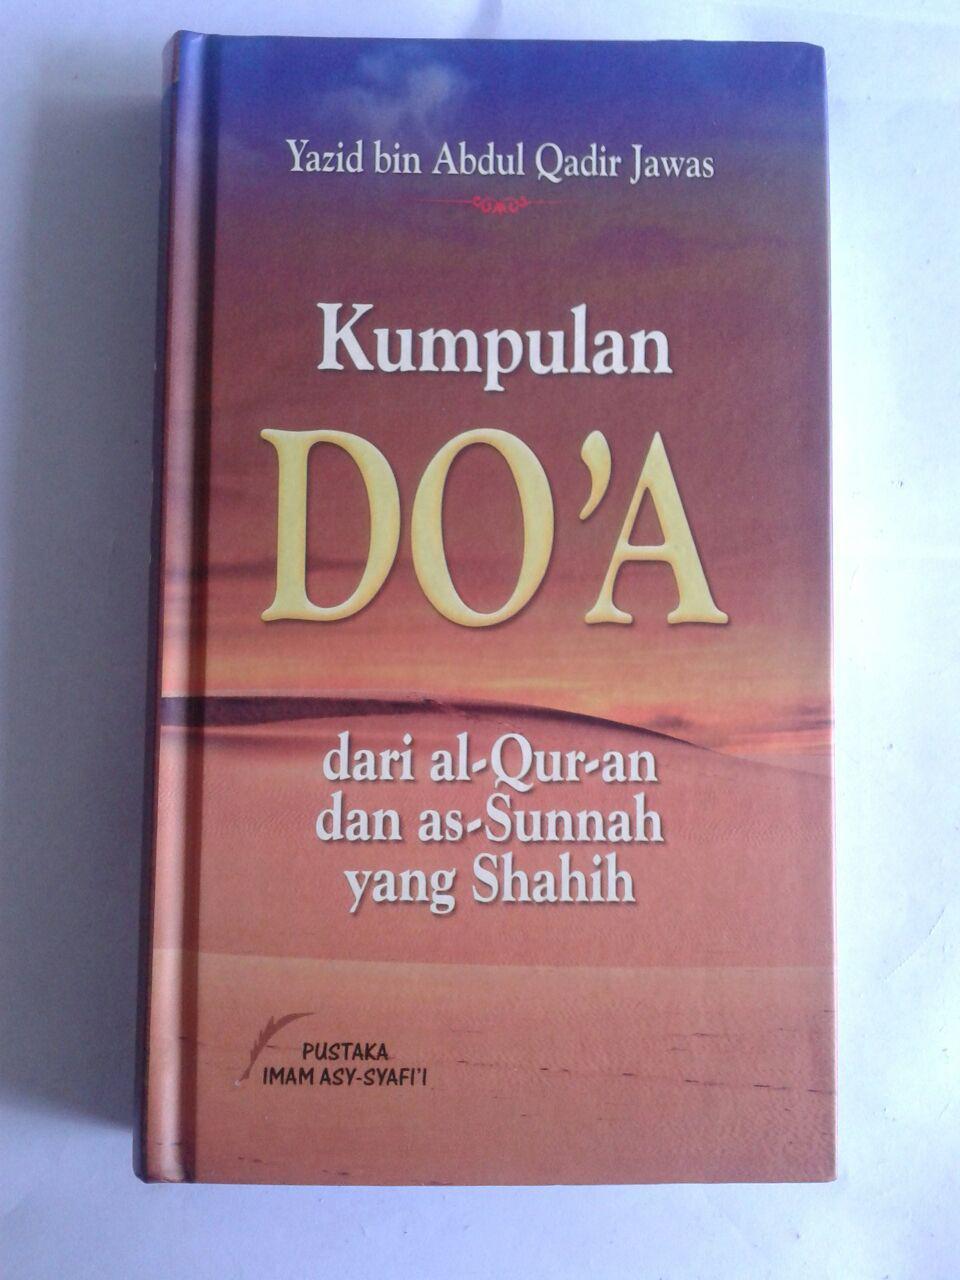 Buku Kumpulan Doa Dari Al-Quran dan As-Sunnah Yang Shahih cover